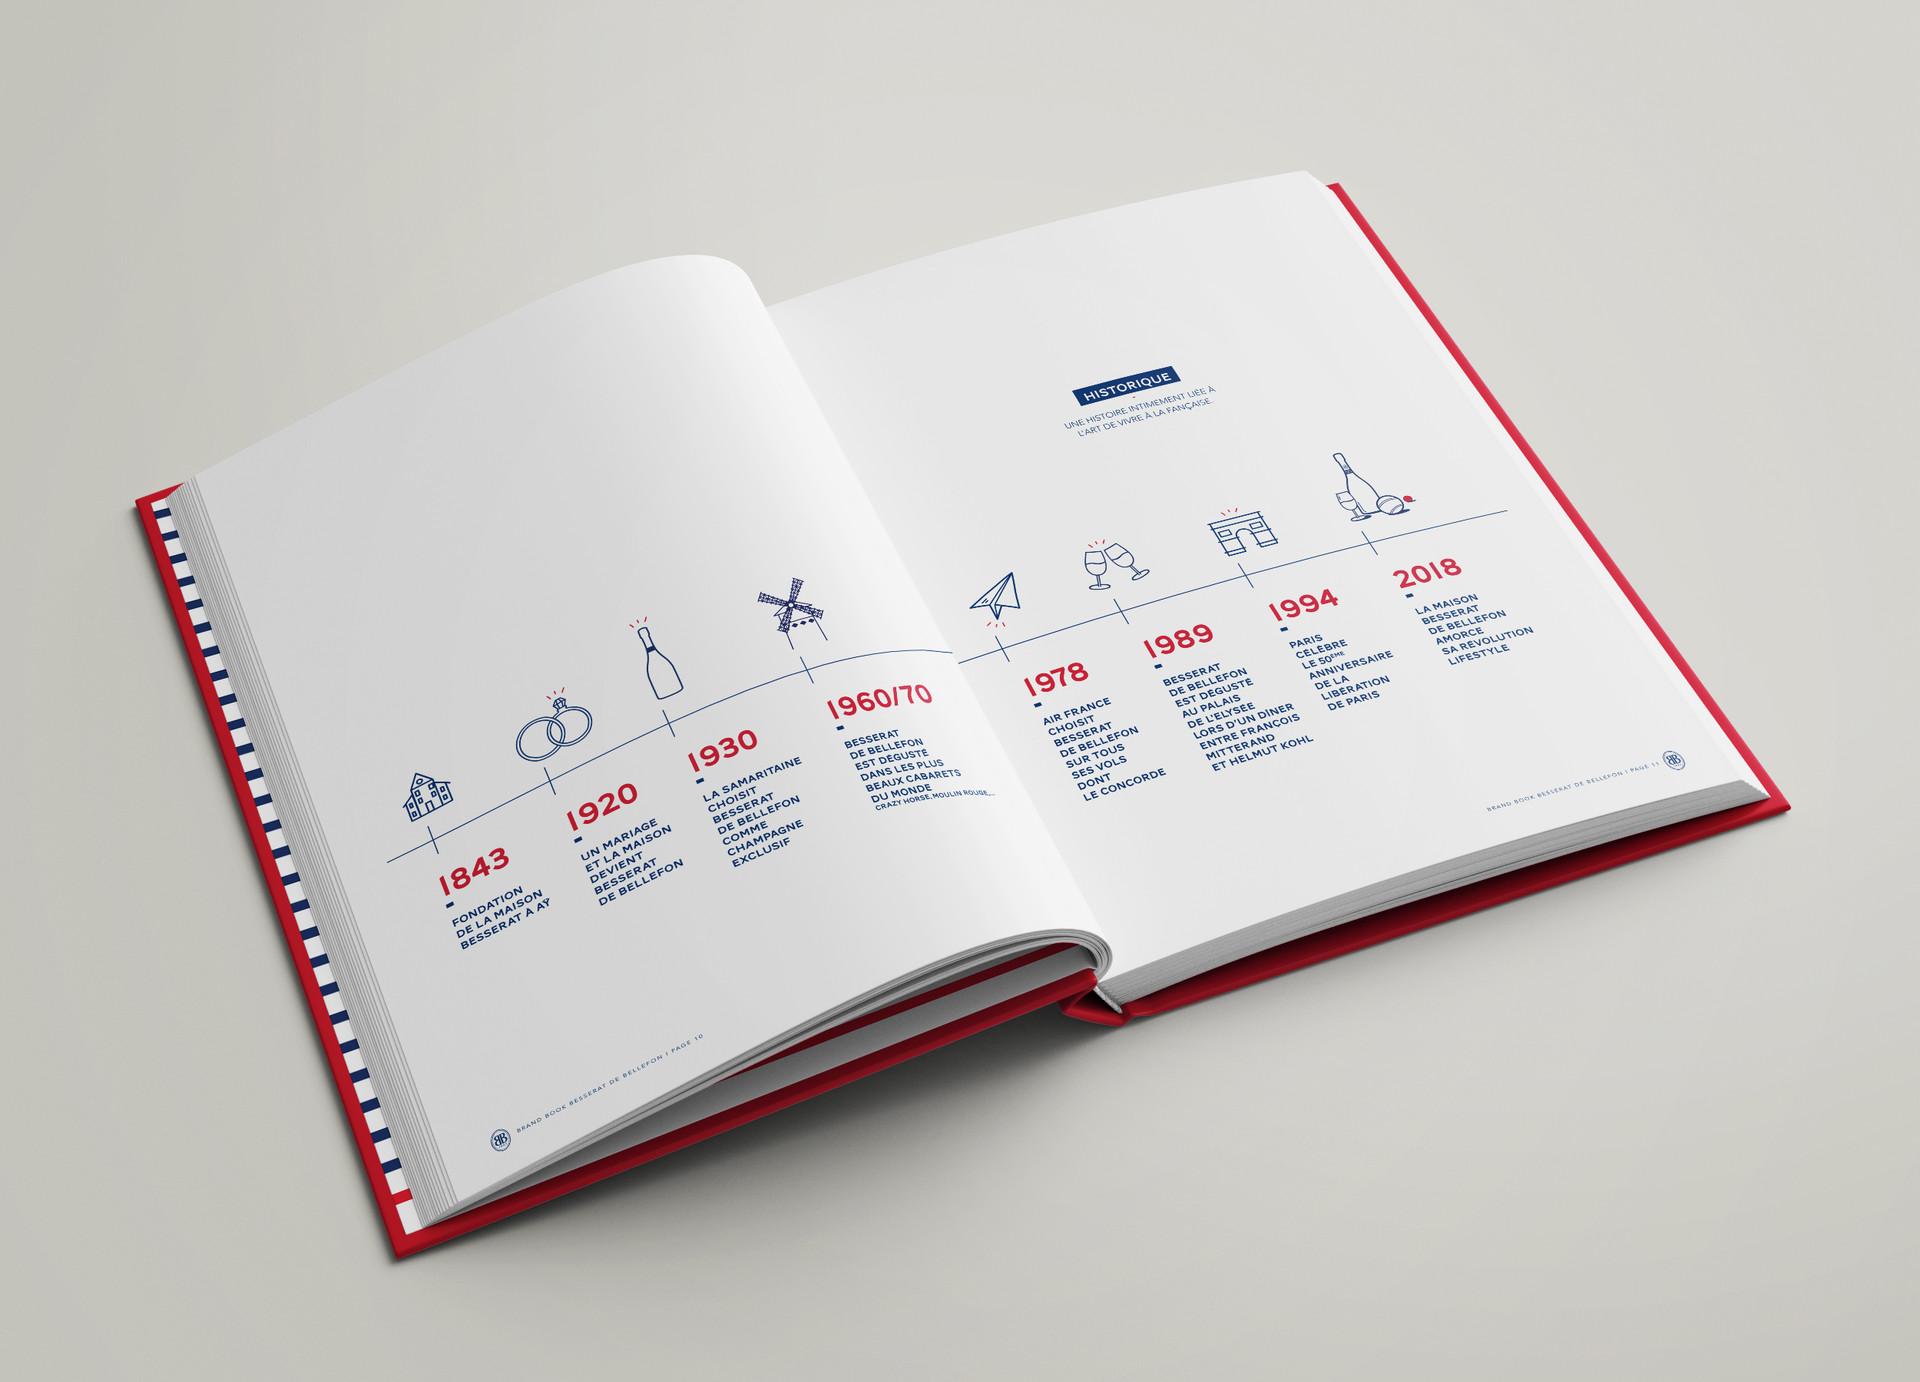 BRAND-BOOK-1.jpg